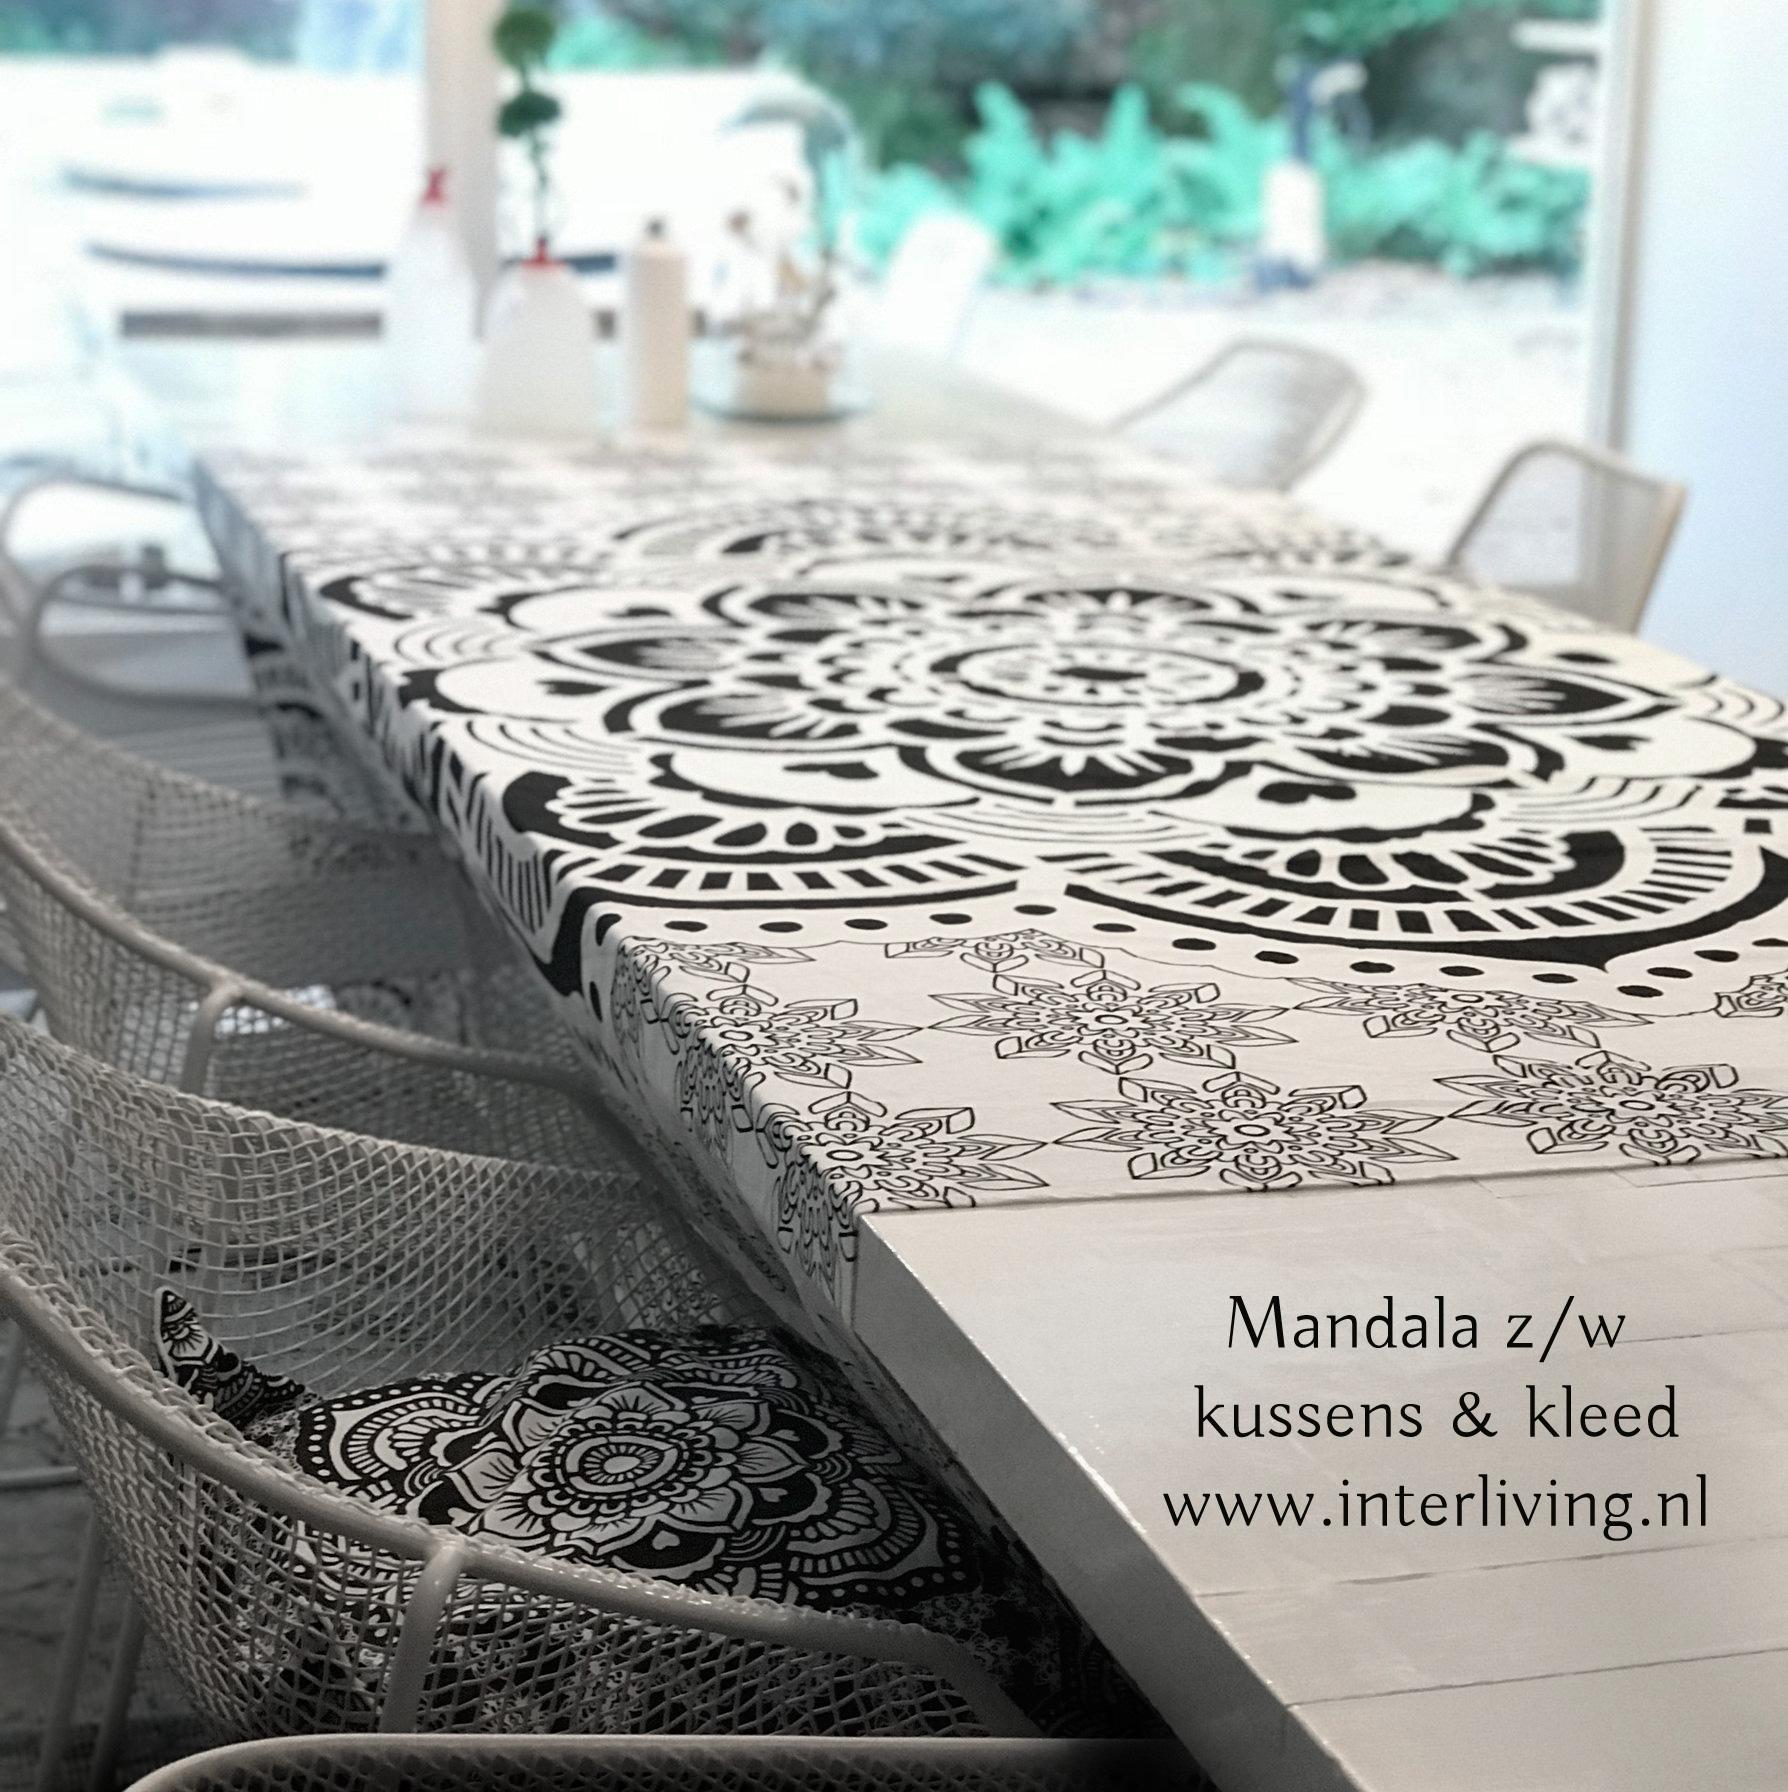 wit Mandala design - bedsprei Boho Ibiza chic